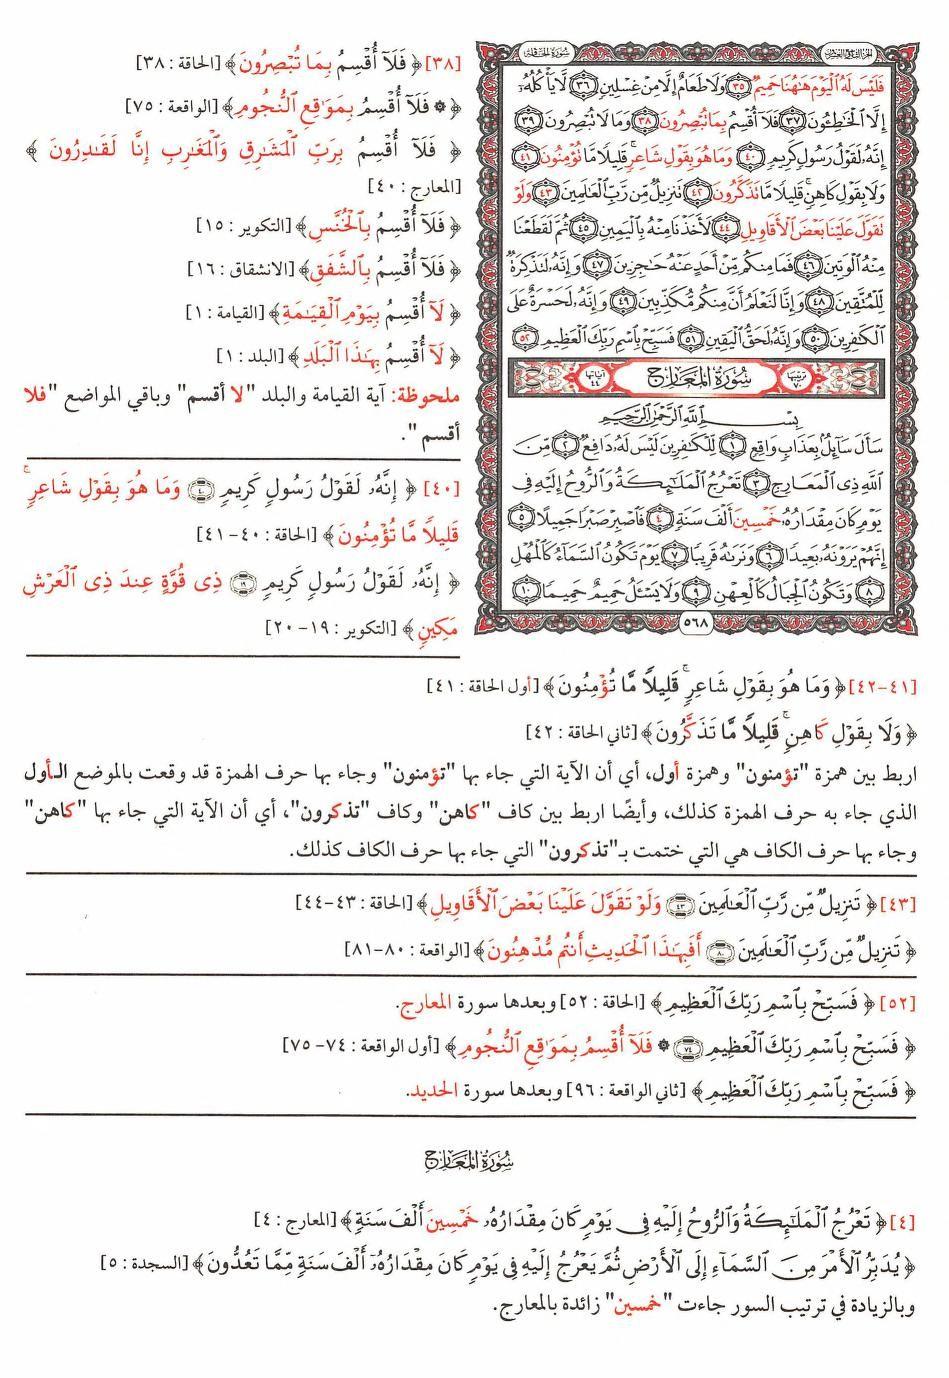 ٣٥ ٥٢ الحاقة مصحف التبيان المفصل لمتشابهات القرآن Read Books Online Free Books To Read Online Books To Read